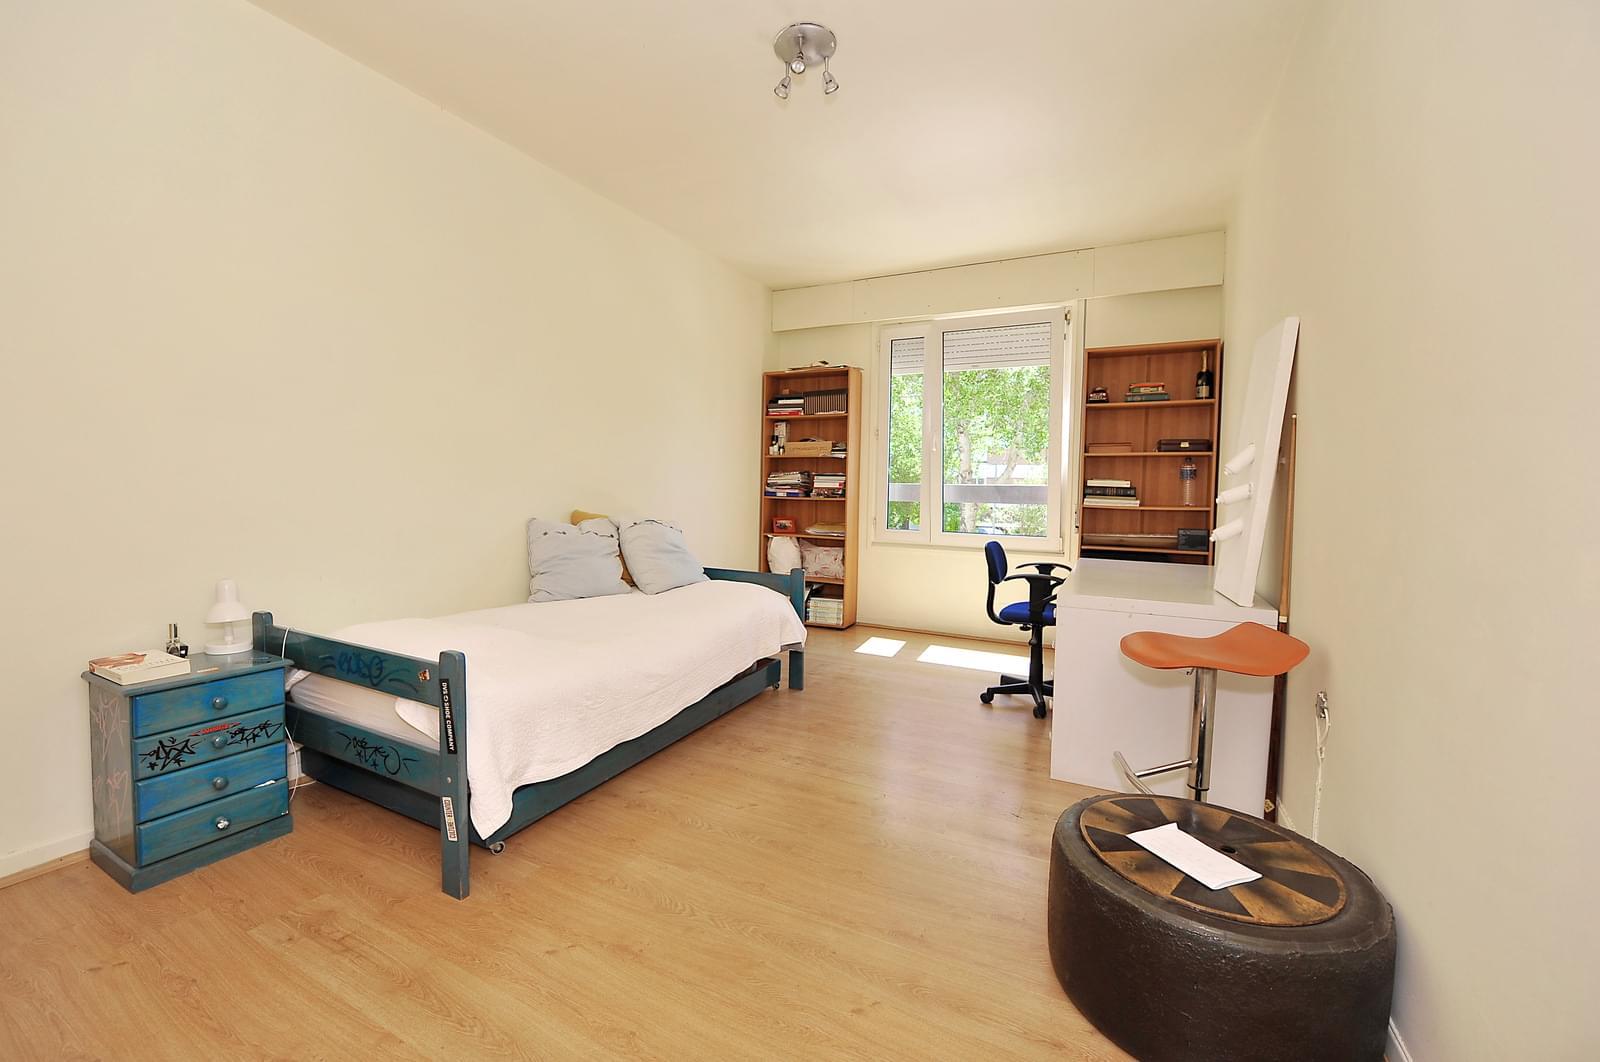 pf17071-apartamento-t4-oeiras-a7ba8517-85f8-4db1-aab0-bd6cf4a2aef3